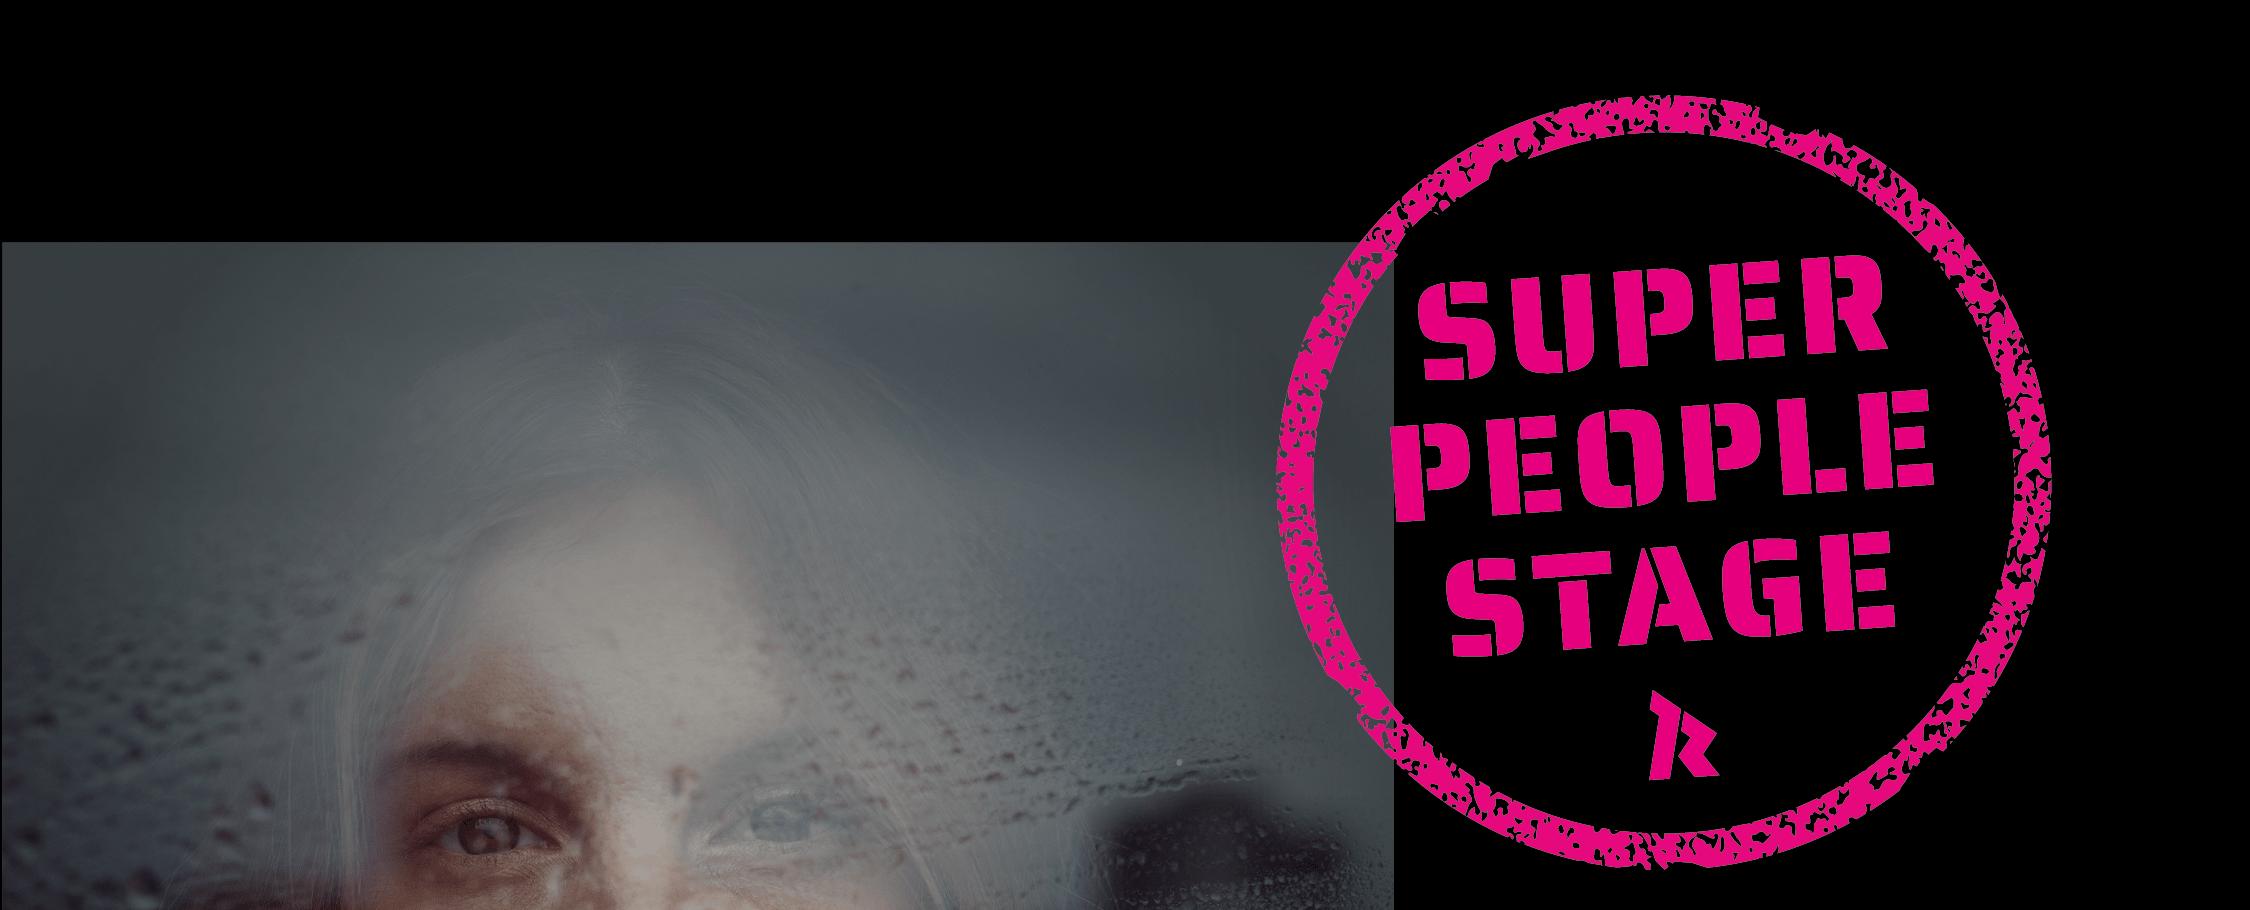 Hin da – Dienstag, 11.08.: Vivie Ann auf der SUPER PEOPLE STAGE